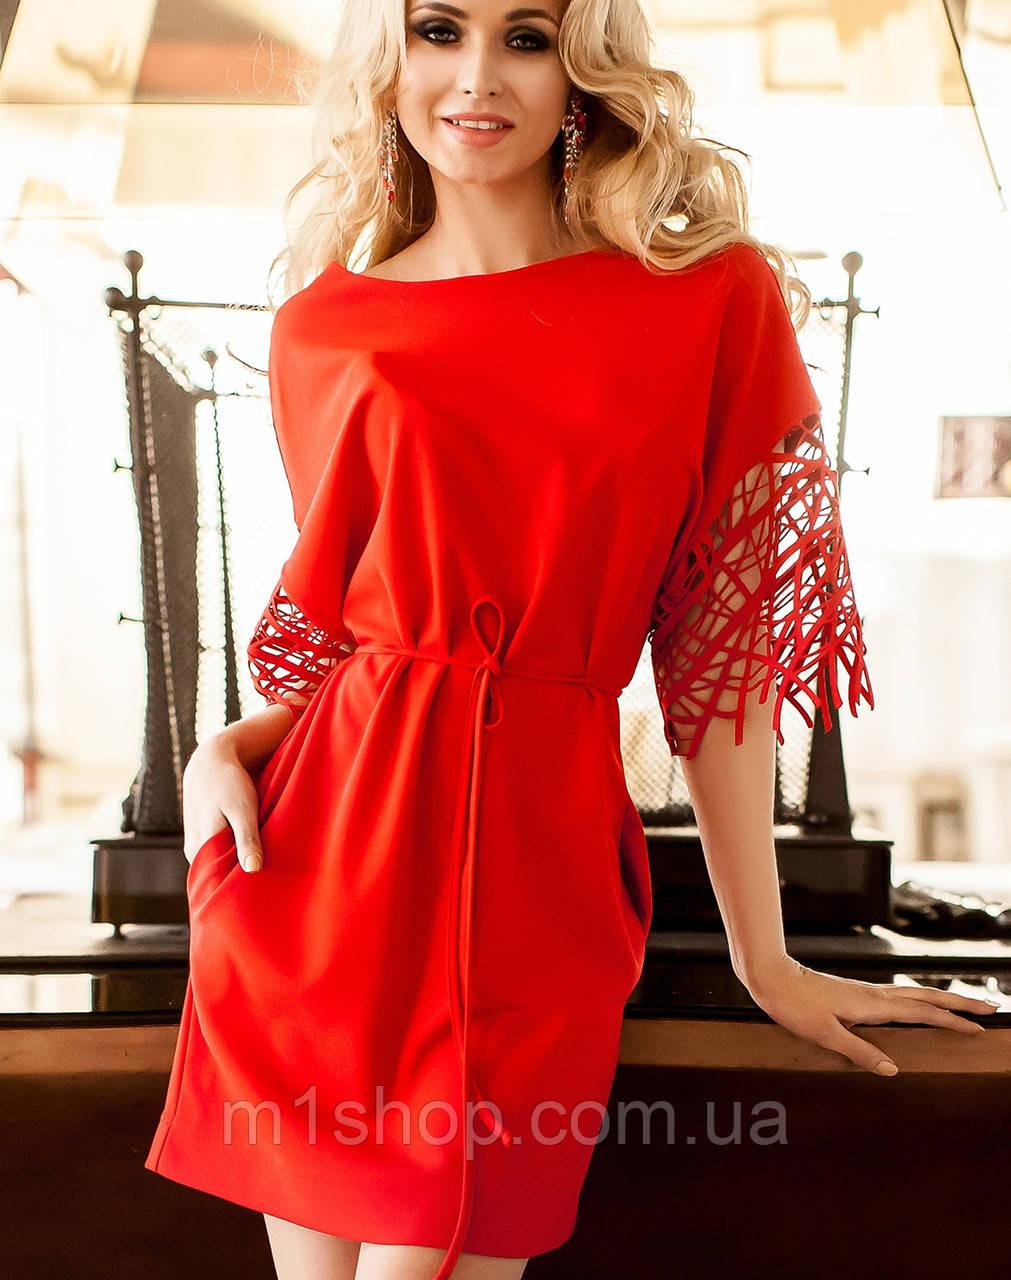 Платье с нарядными рукавами для полных (Кобби_1 jd)